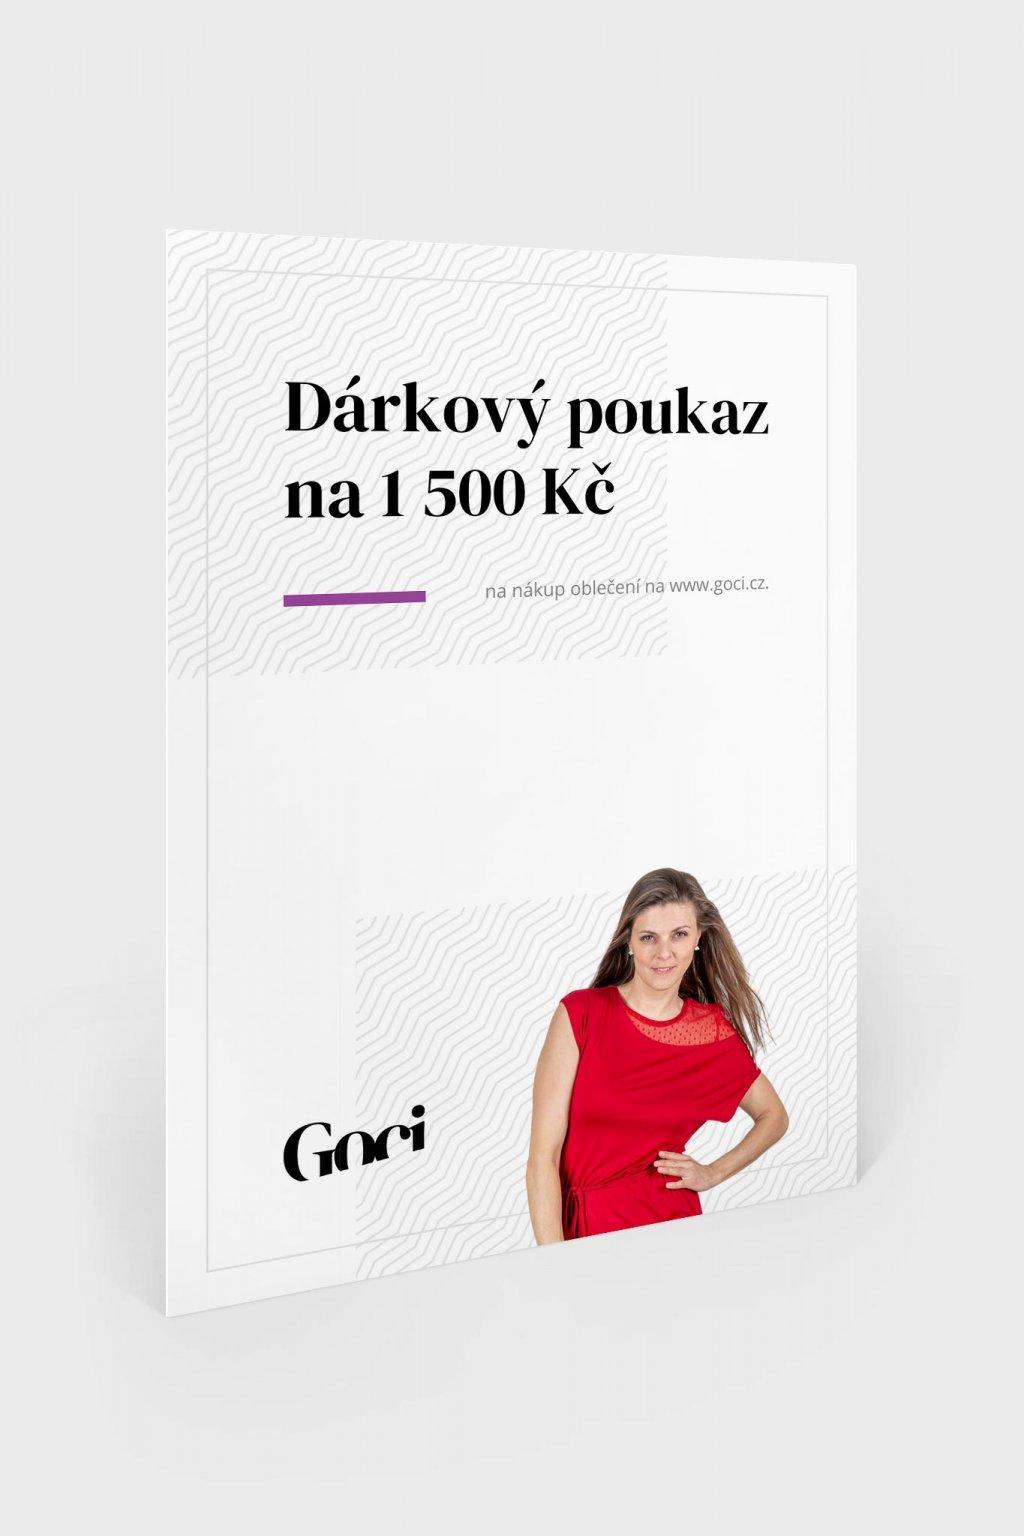 darkovy poukaz goci 1500